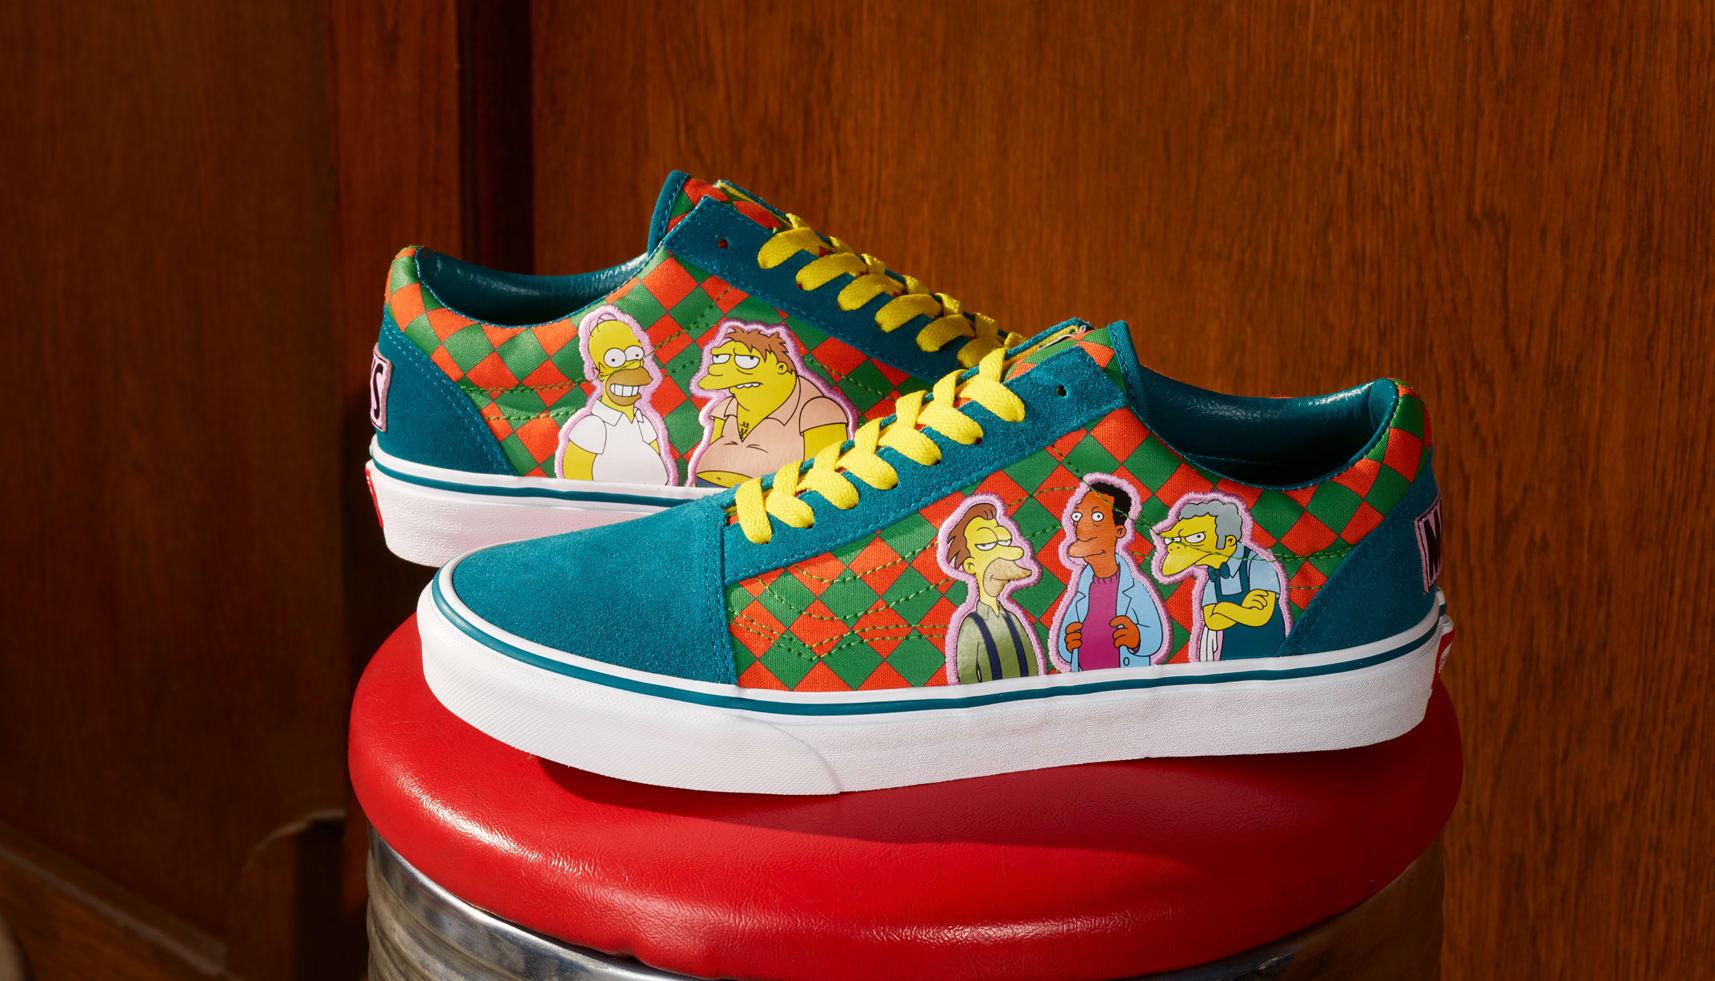 The Simpsons x Vans Old-Skool